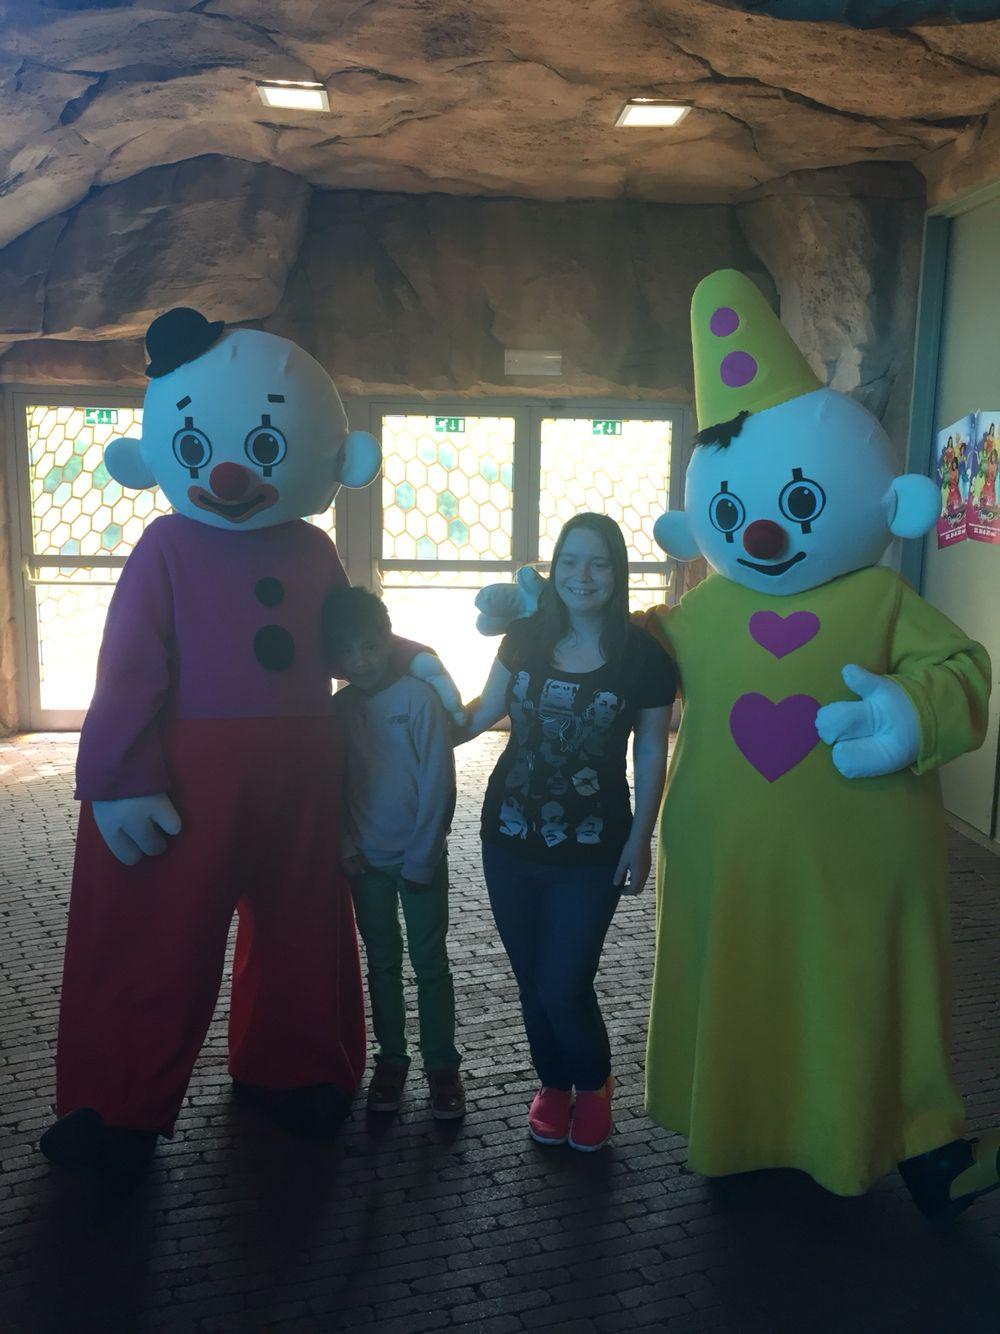 Plopsa Indoor Smurfs Character Fictional Characters